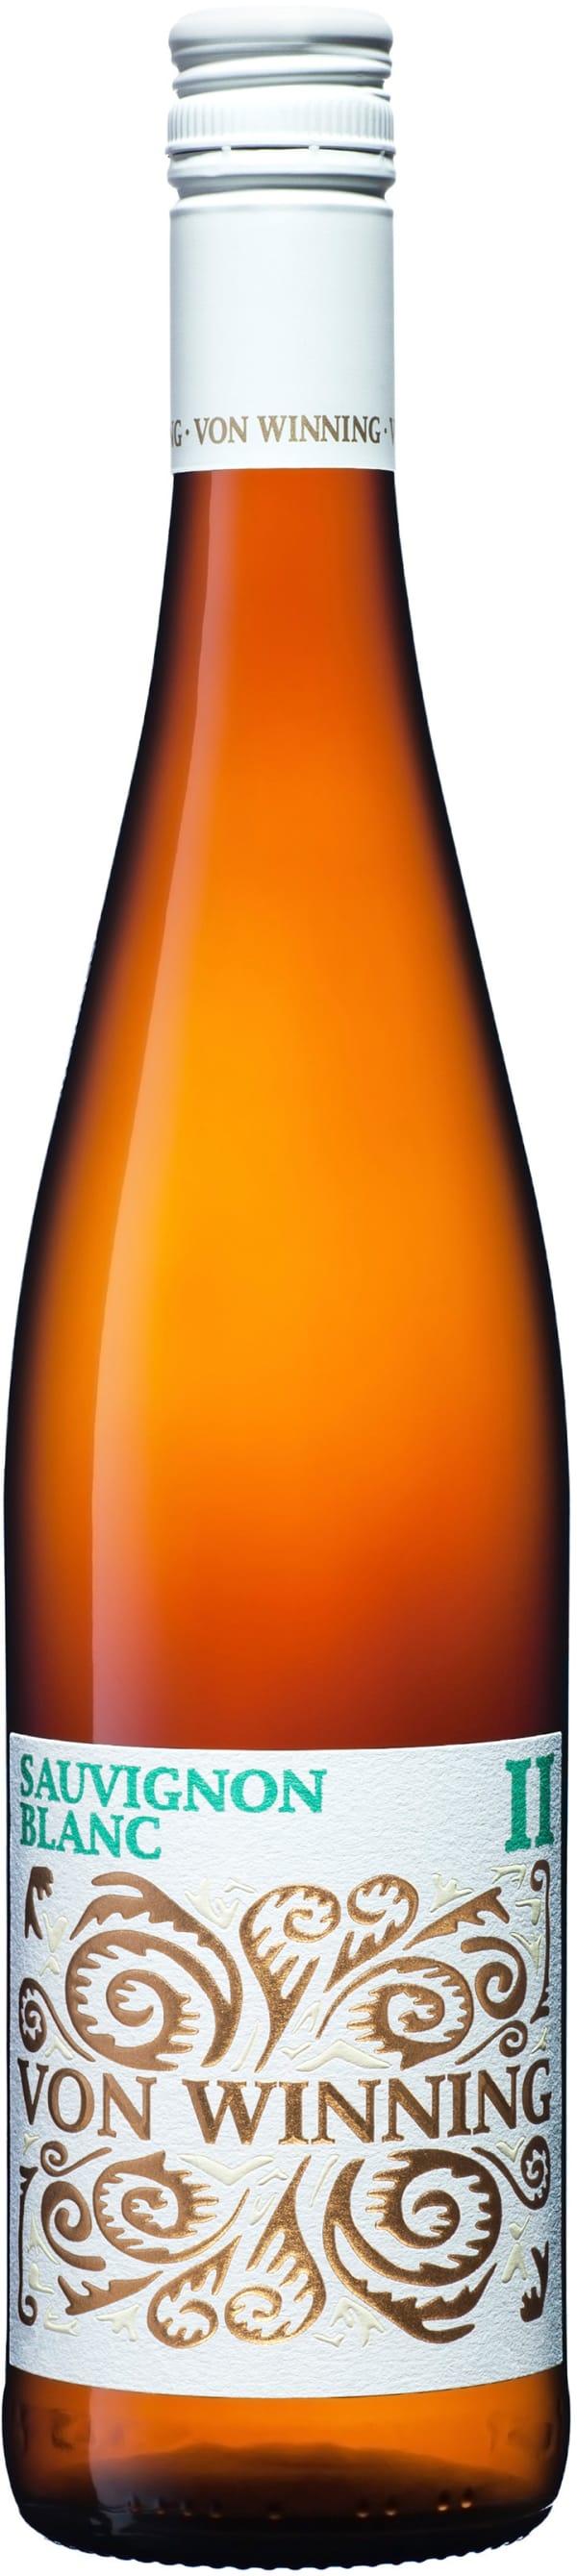 Von Winning Sauvignon Blanc II 2018